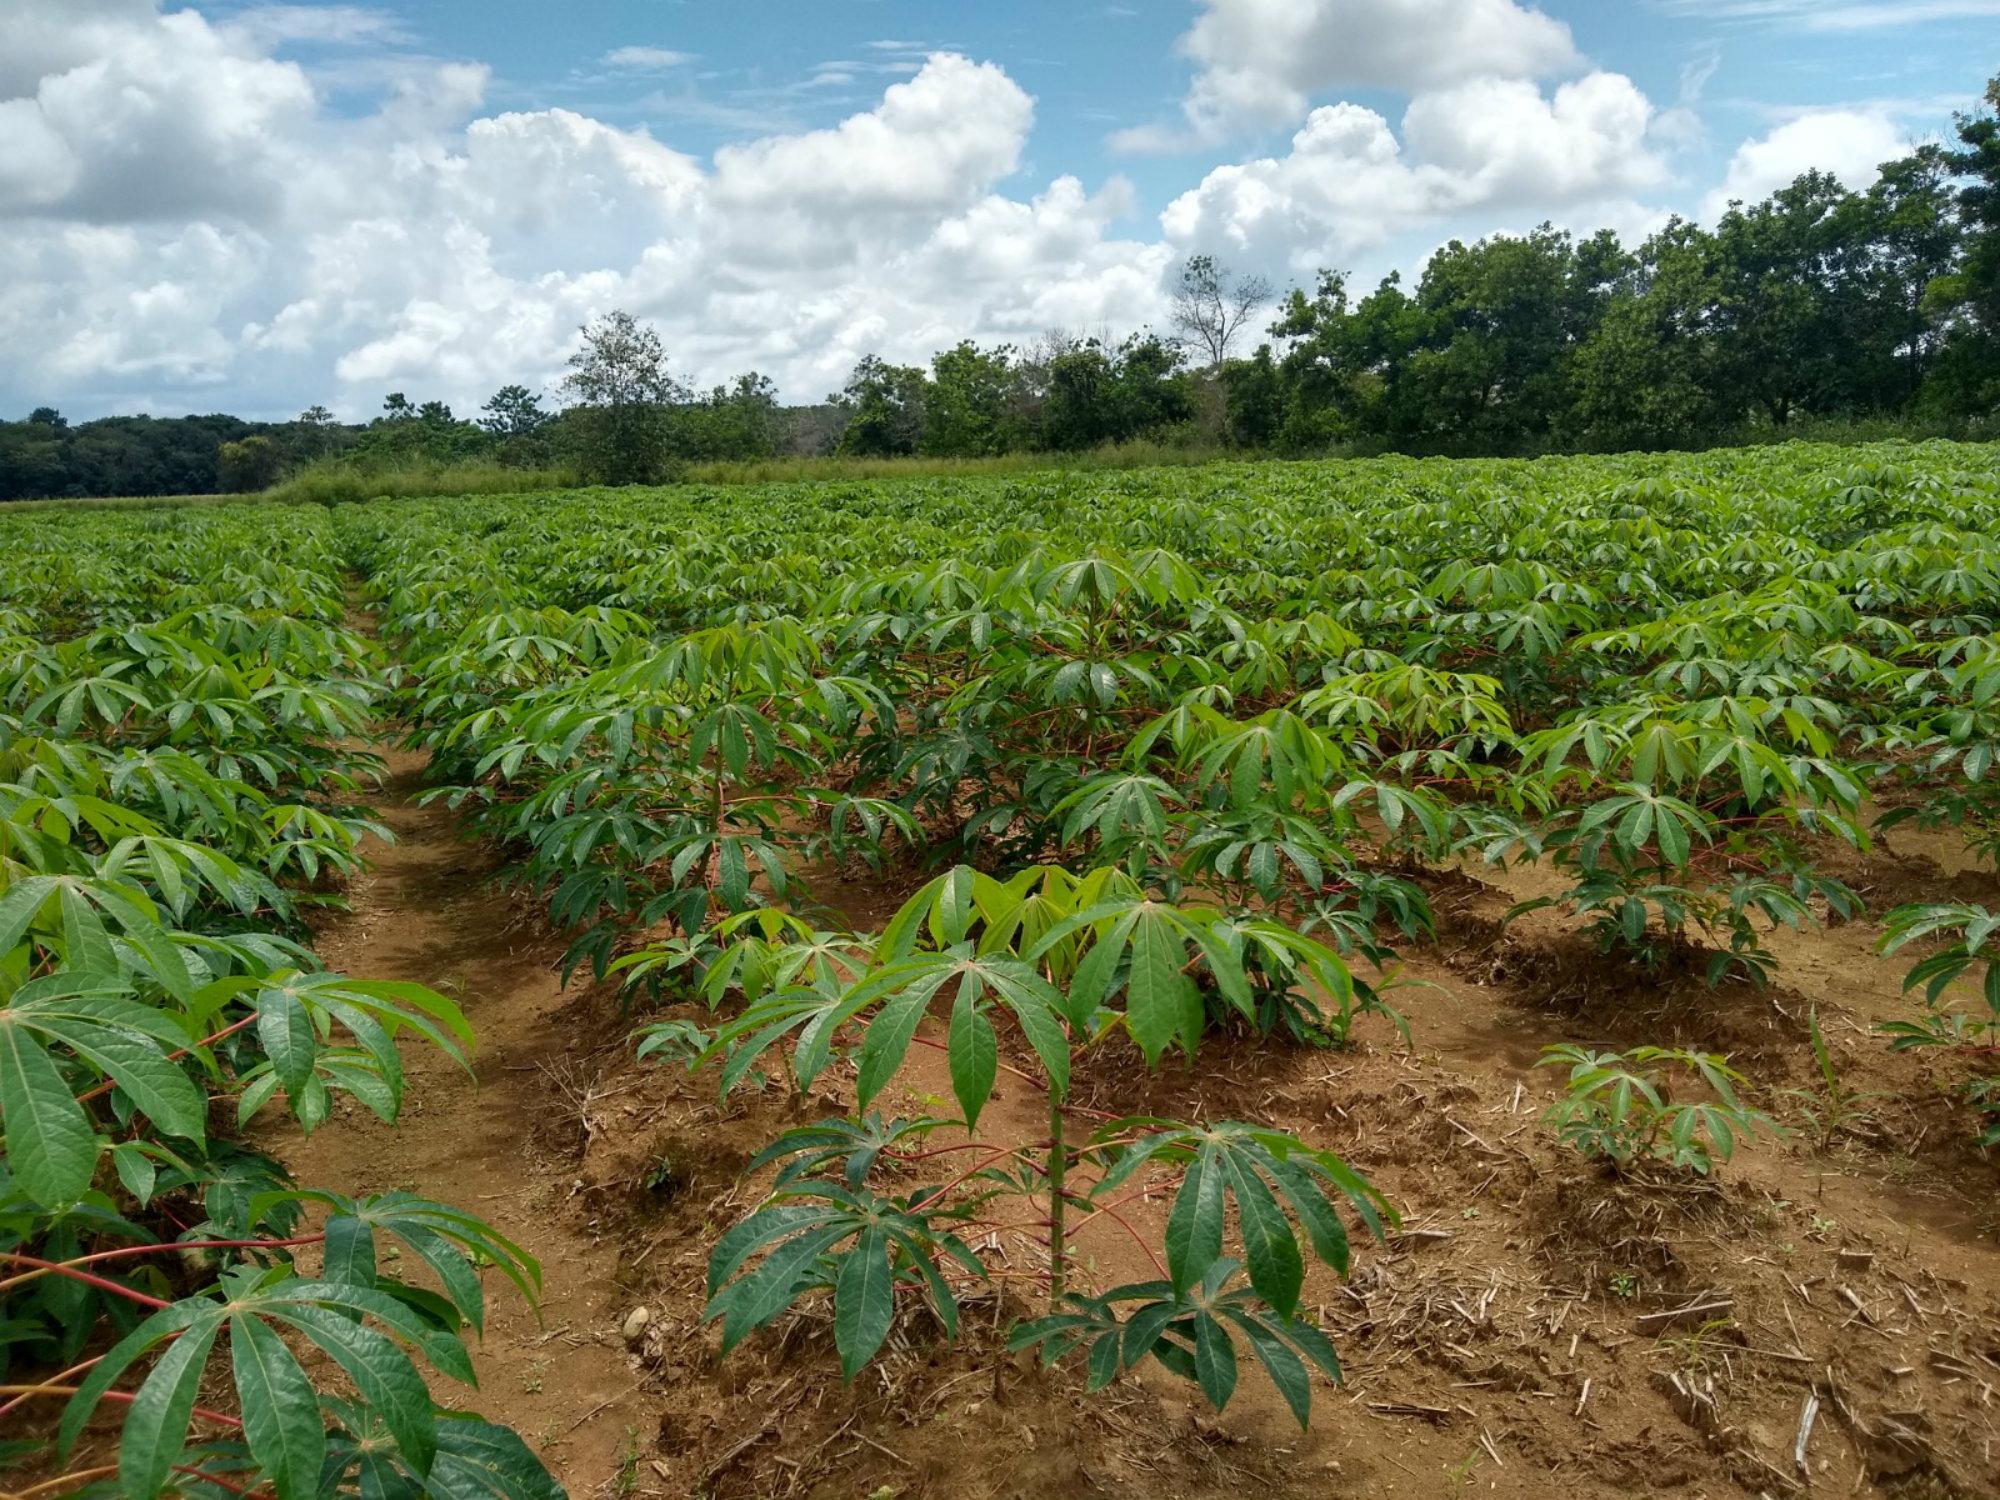 Melúa 31 nueva variedad de yuca industrial para la Orinoquia colombiana